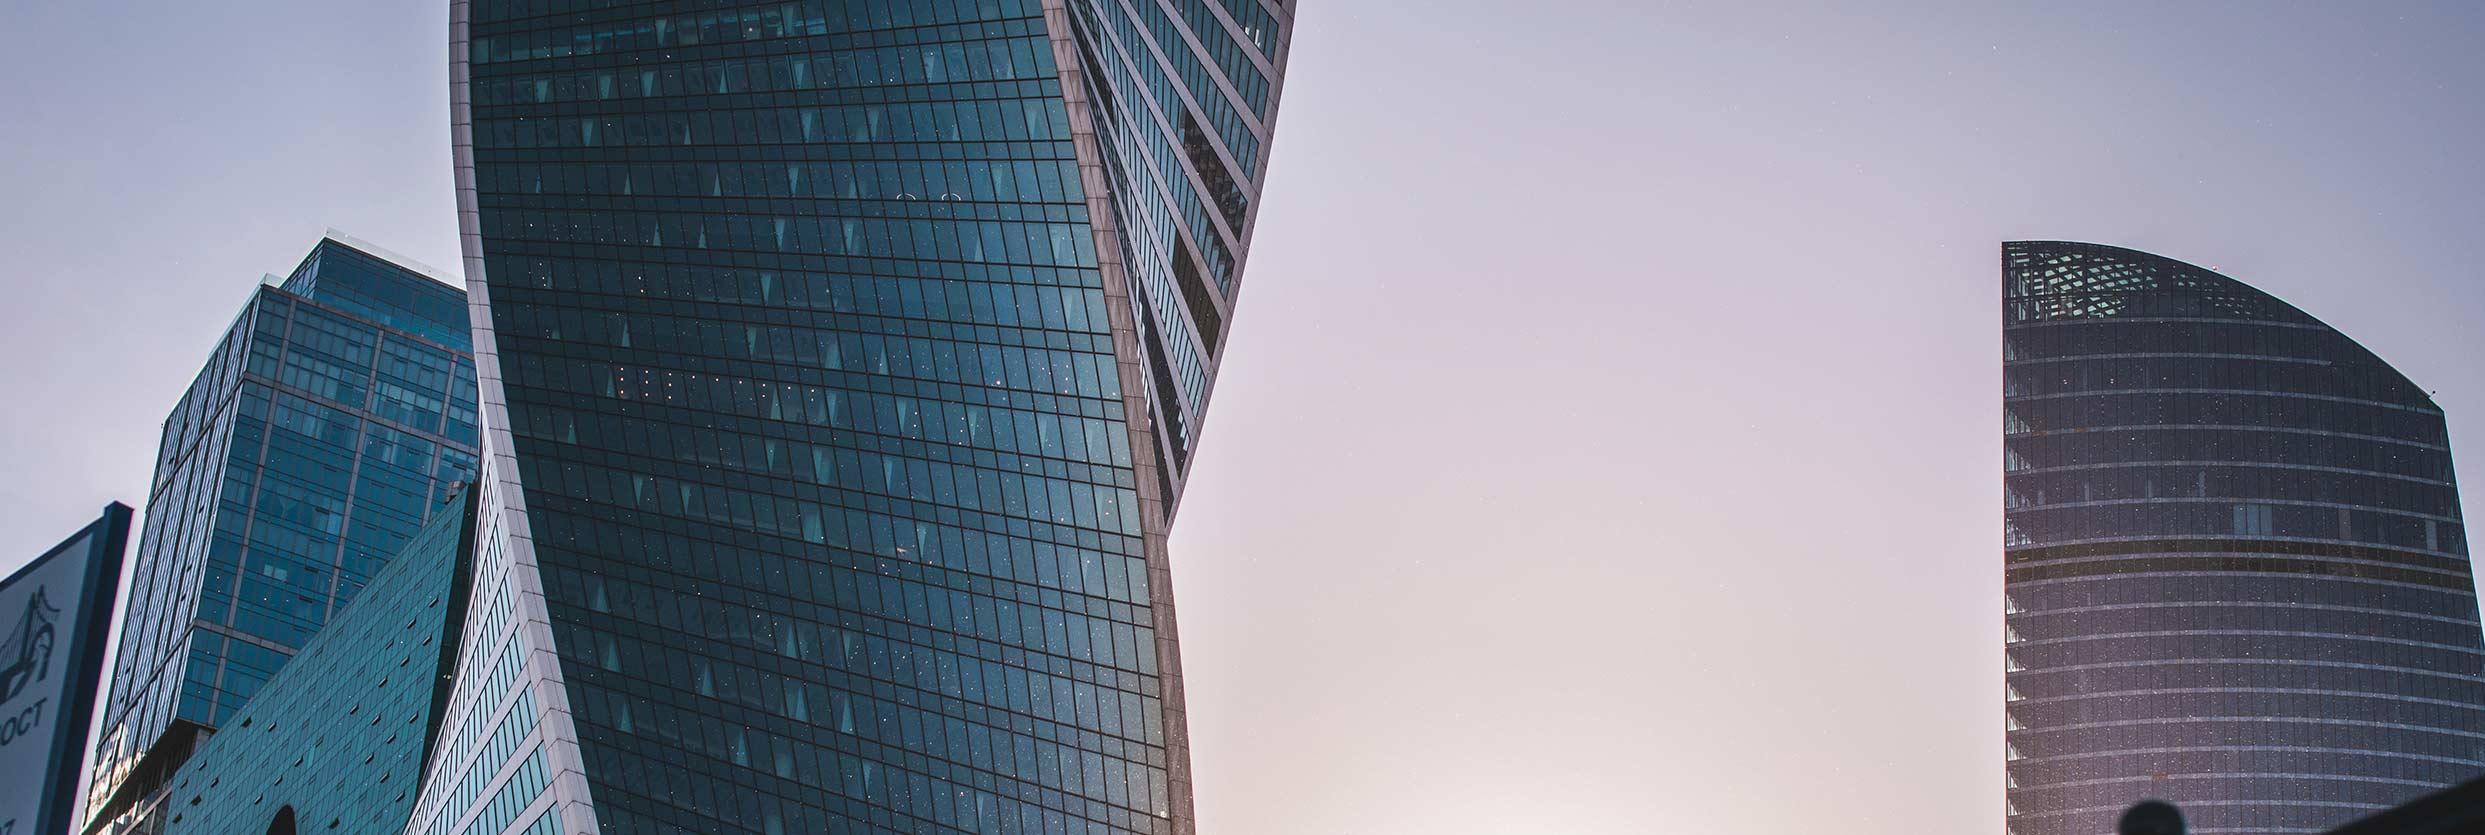 ¿Por qué Auditoria Internacional es la opción?